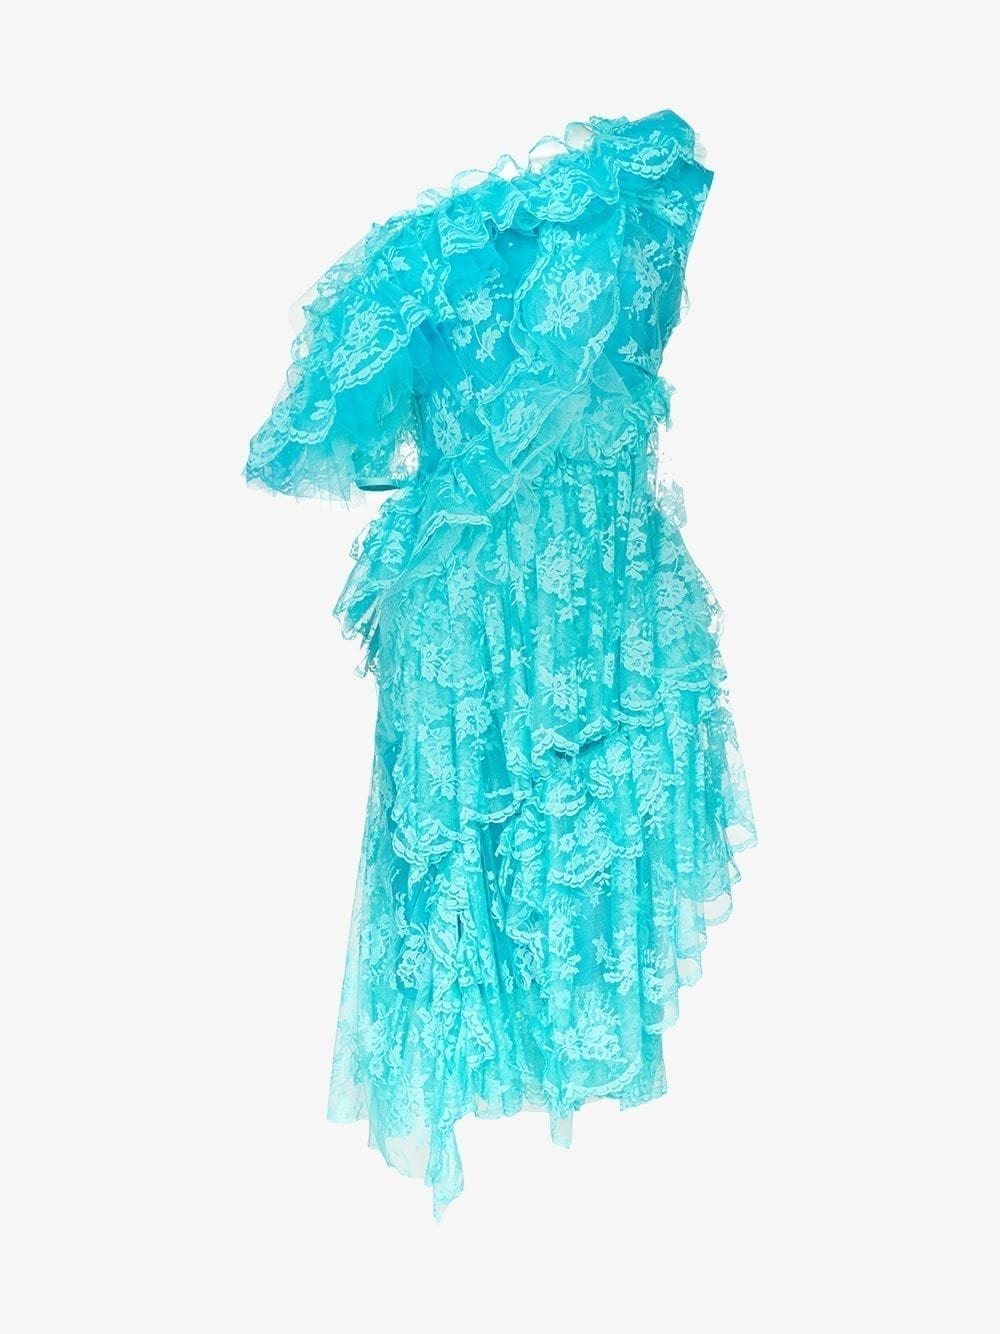 PREEN BY THORNTON BREGAZZI Cecilia One-Shouldered Tiered-Lace Midi Aqua Dress